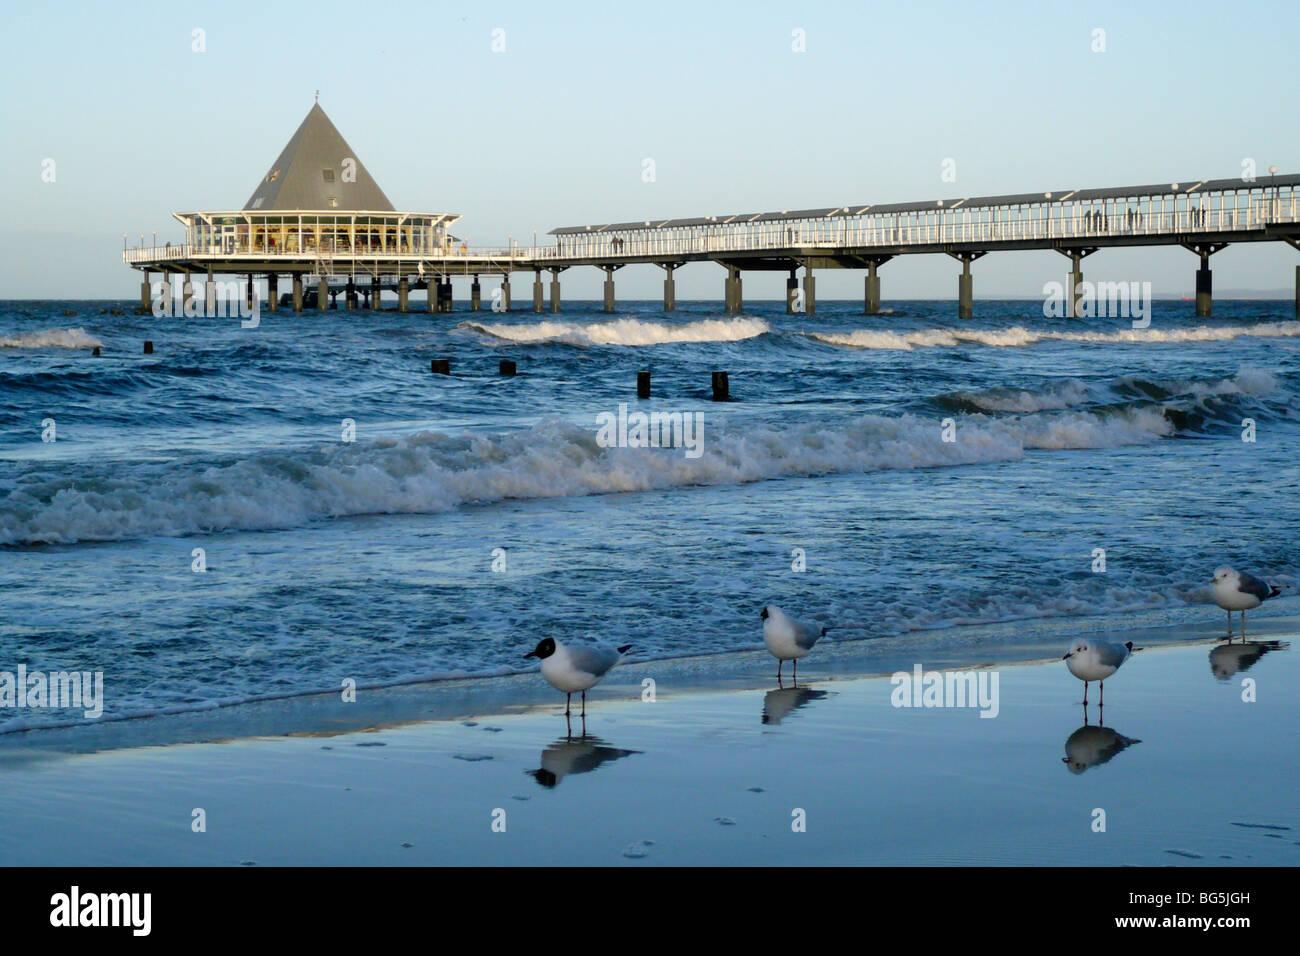 Seebrücke, Strand, Möven, Heringsdorf, Insel Usedom, Mecklenburg-Vorpommern, Deutschland | Pier, beach, - Stock Image